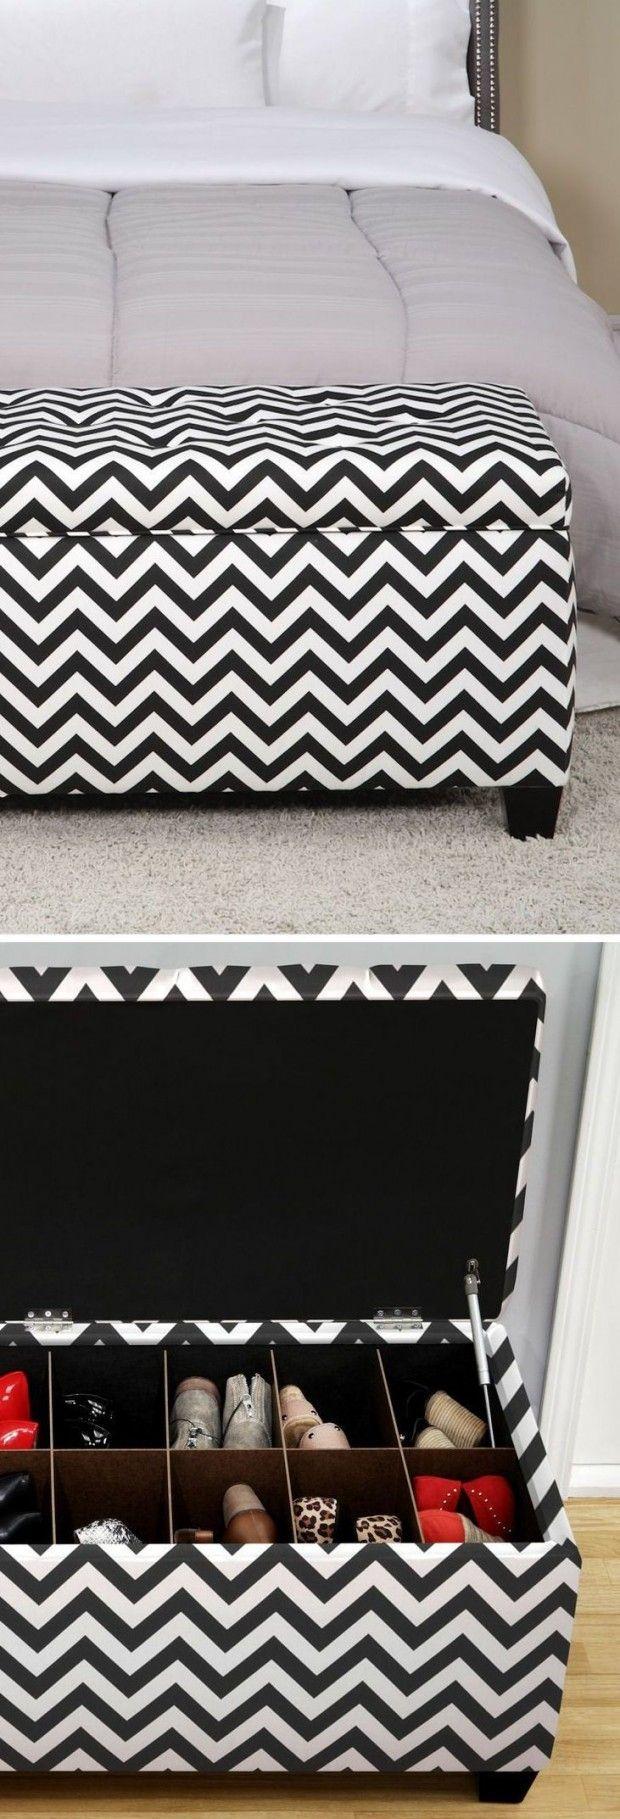 Como ordenar los zapatos. Tips e ideas - Blog decoración y Proyectos Decoración Online